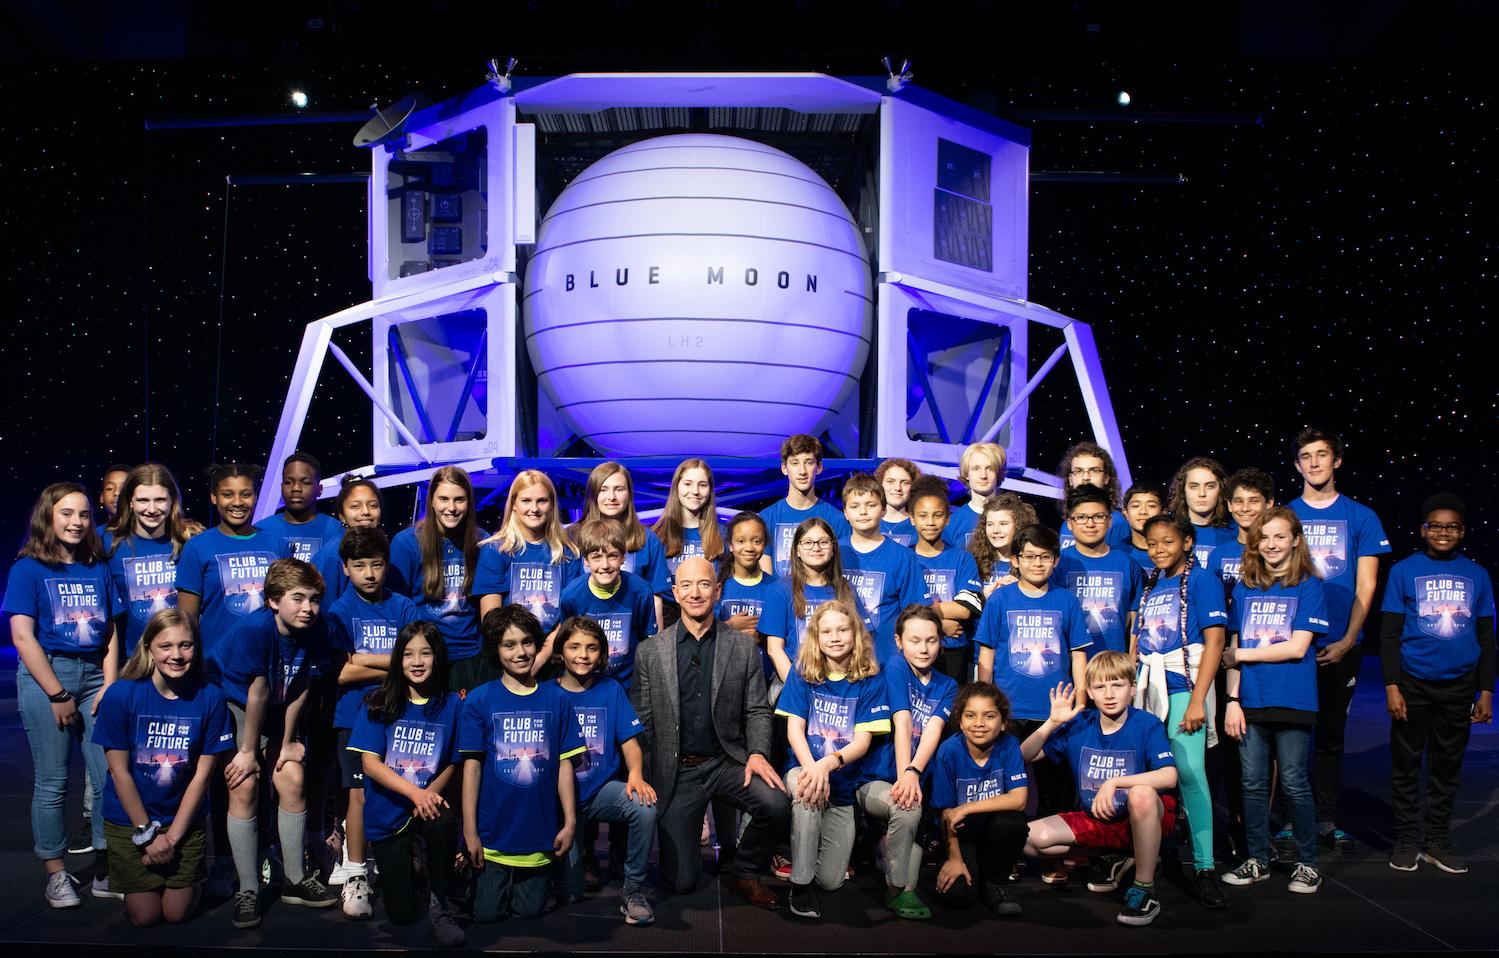 Jeff Bezos s'élance à son tour dans la conquête spatiale... /crédit drLe tourisme spatial gravit de nouvelles étapes - Depositphotos.com